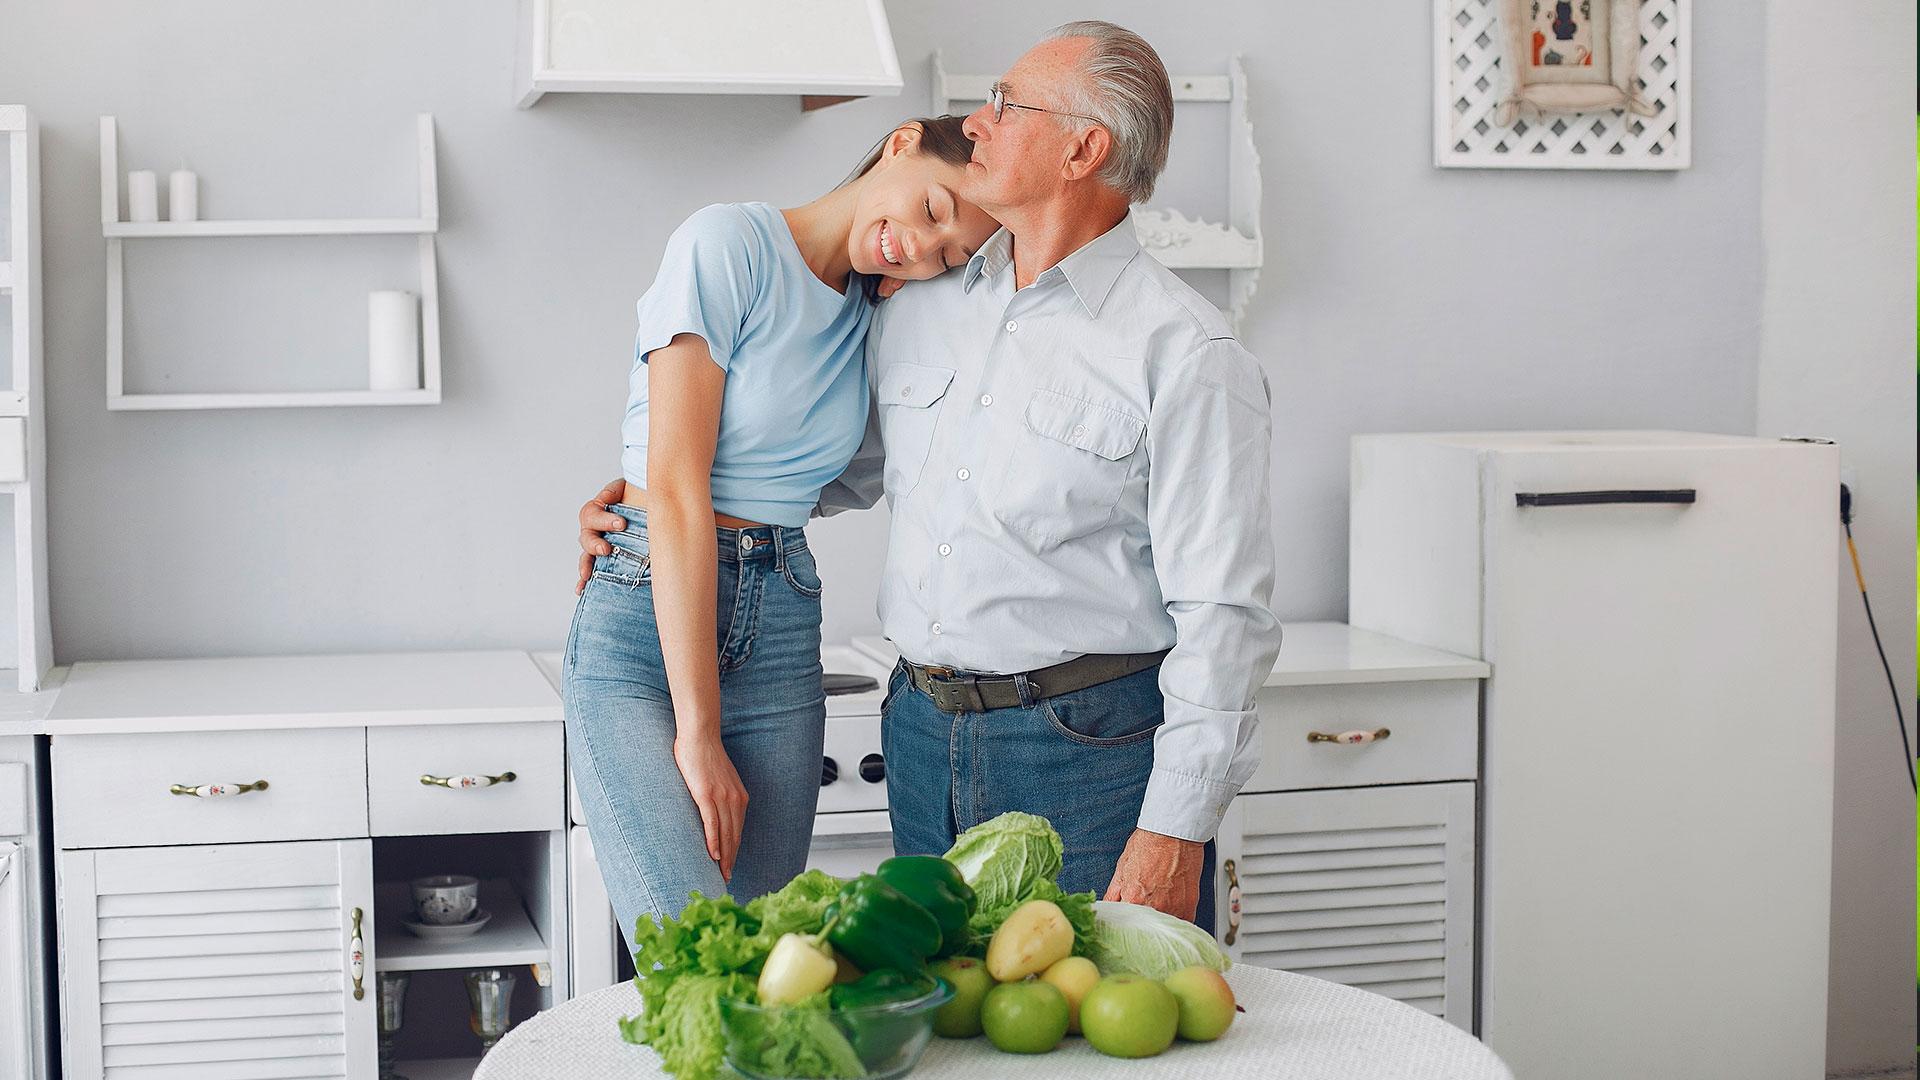 La dieta influenza l'umore delle donne più di quello degli uomini